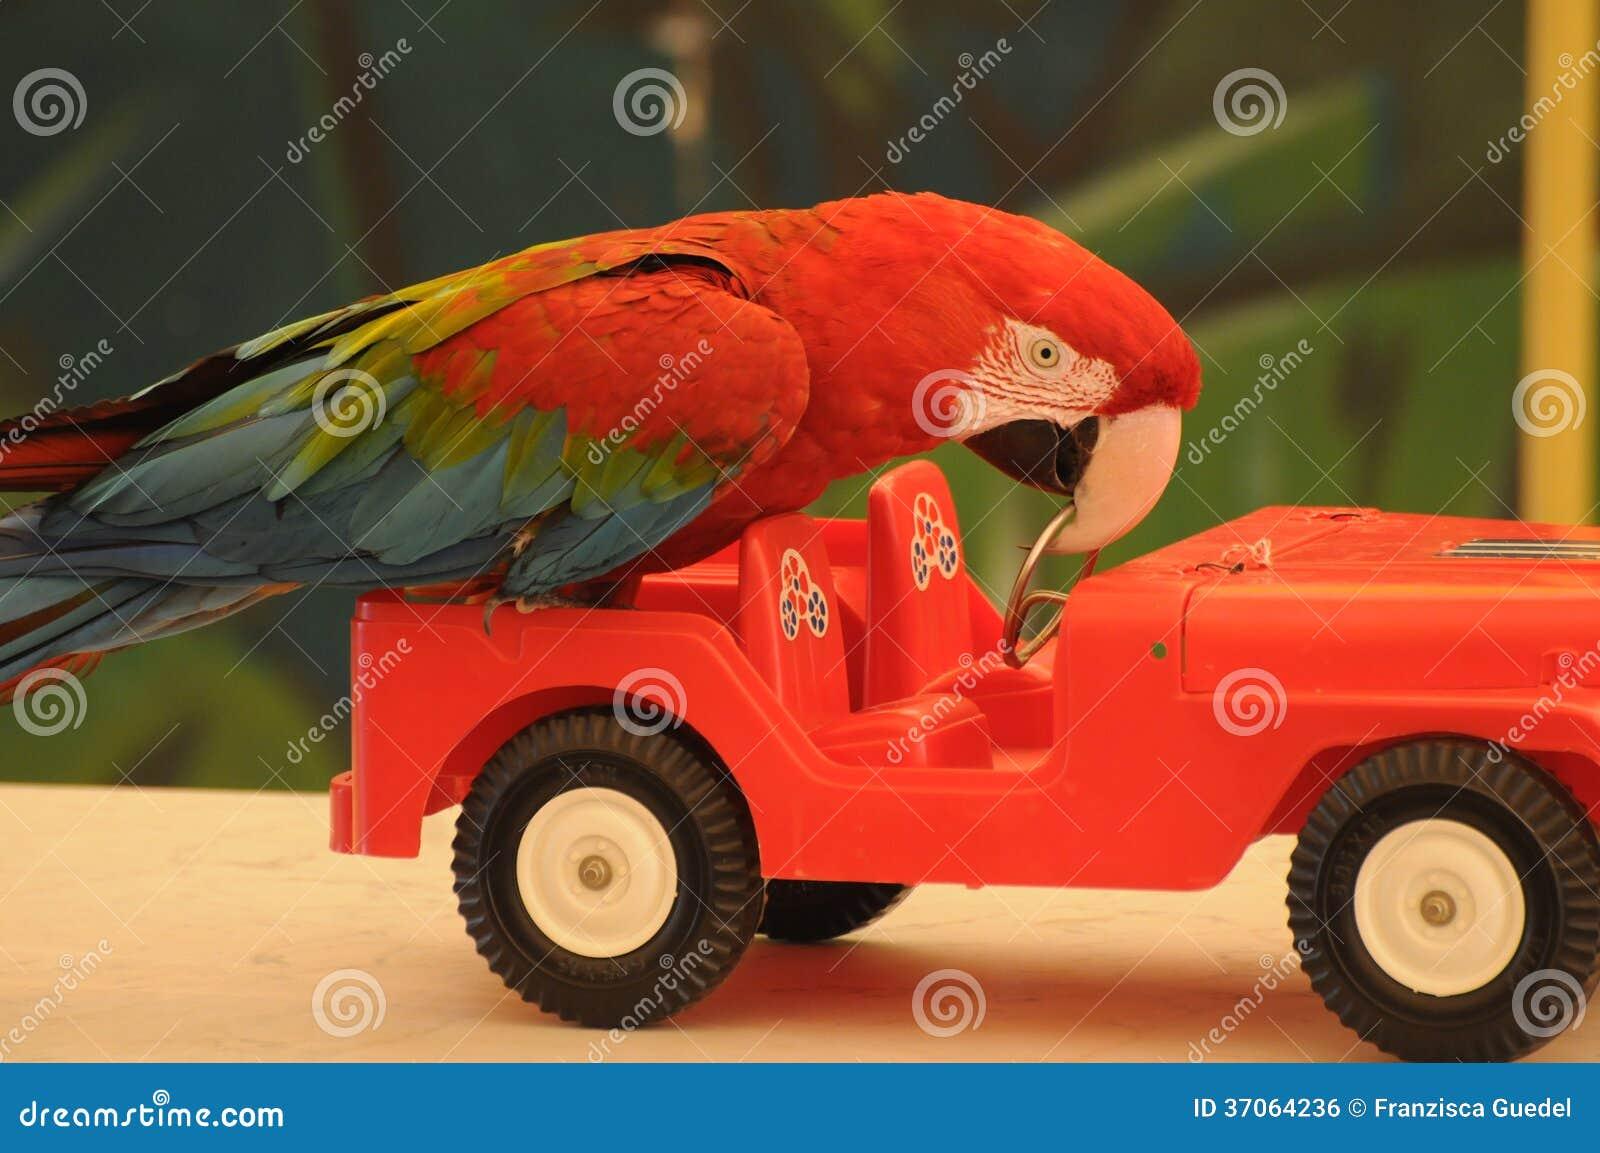 perroquet conduisant une voiture image libre de droits image 37064236. Black Bedroom Furniture Sets. Home Design Ideas